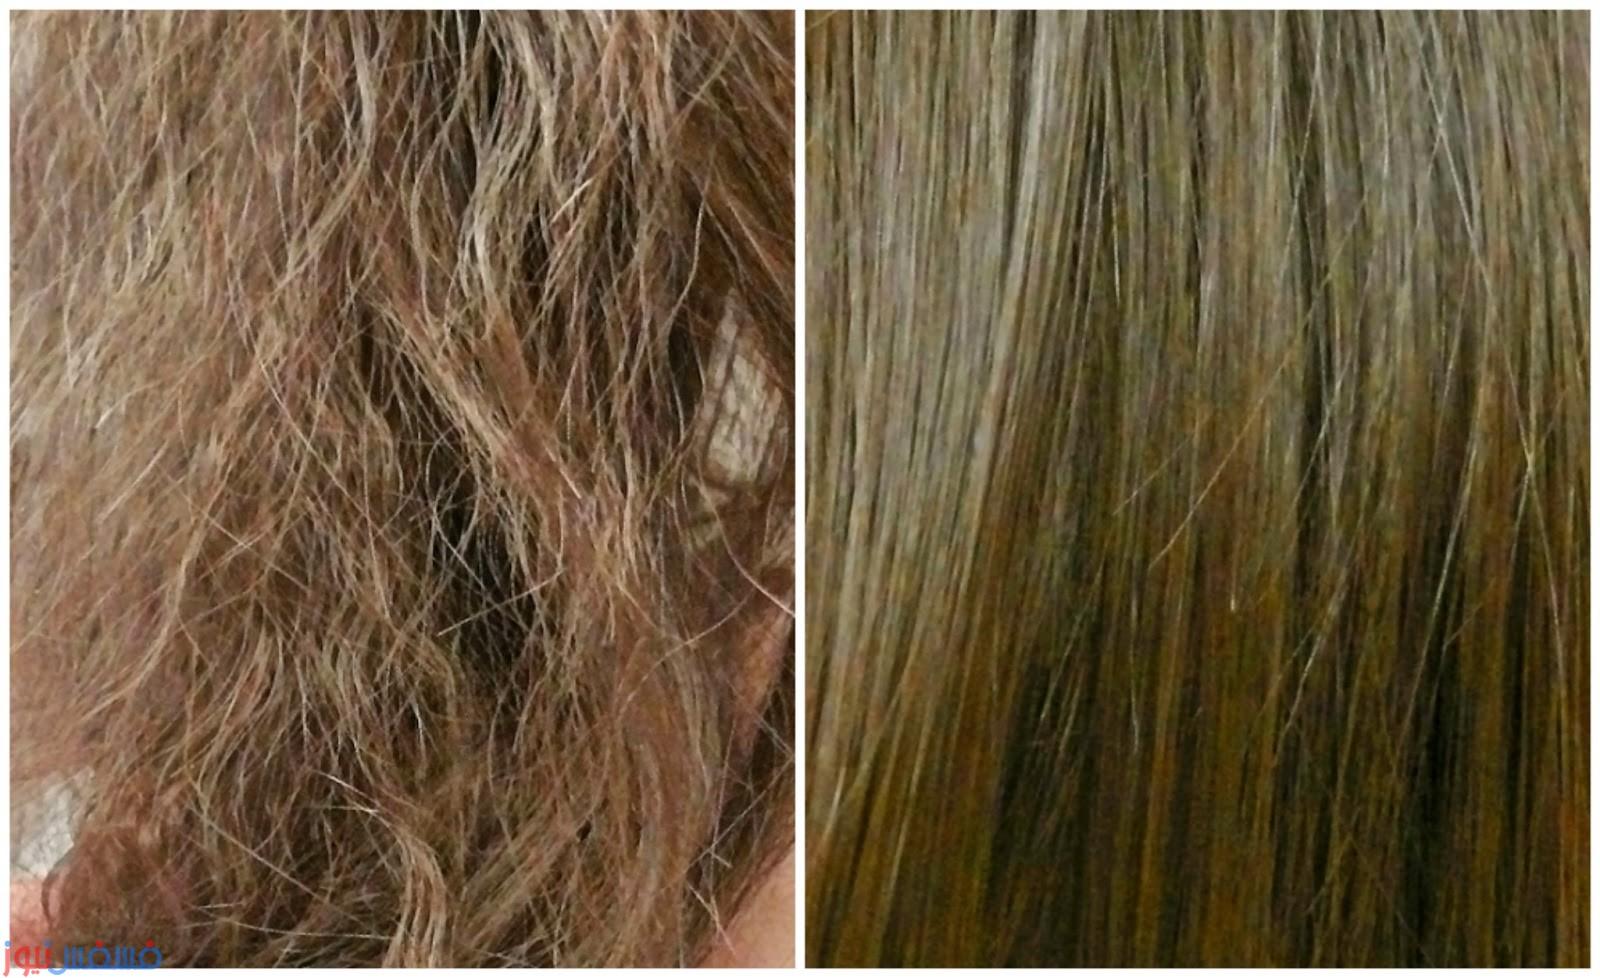 طرق التخلص من الشعر التالف والمتقصف